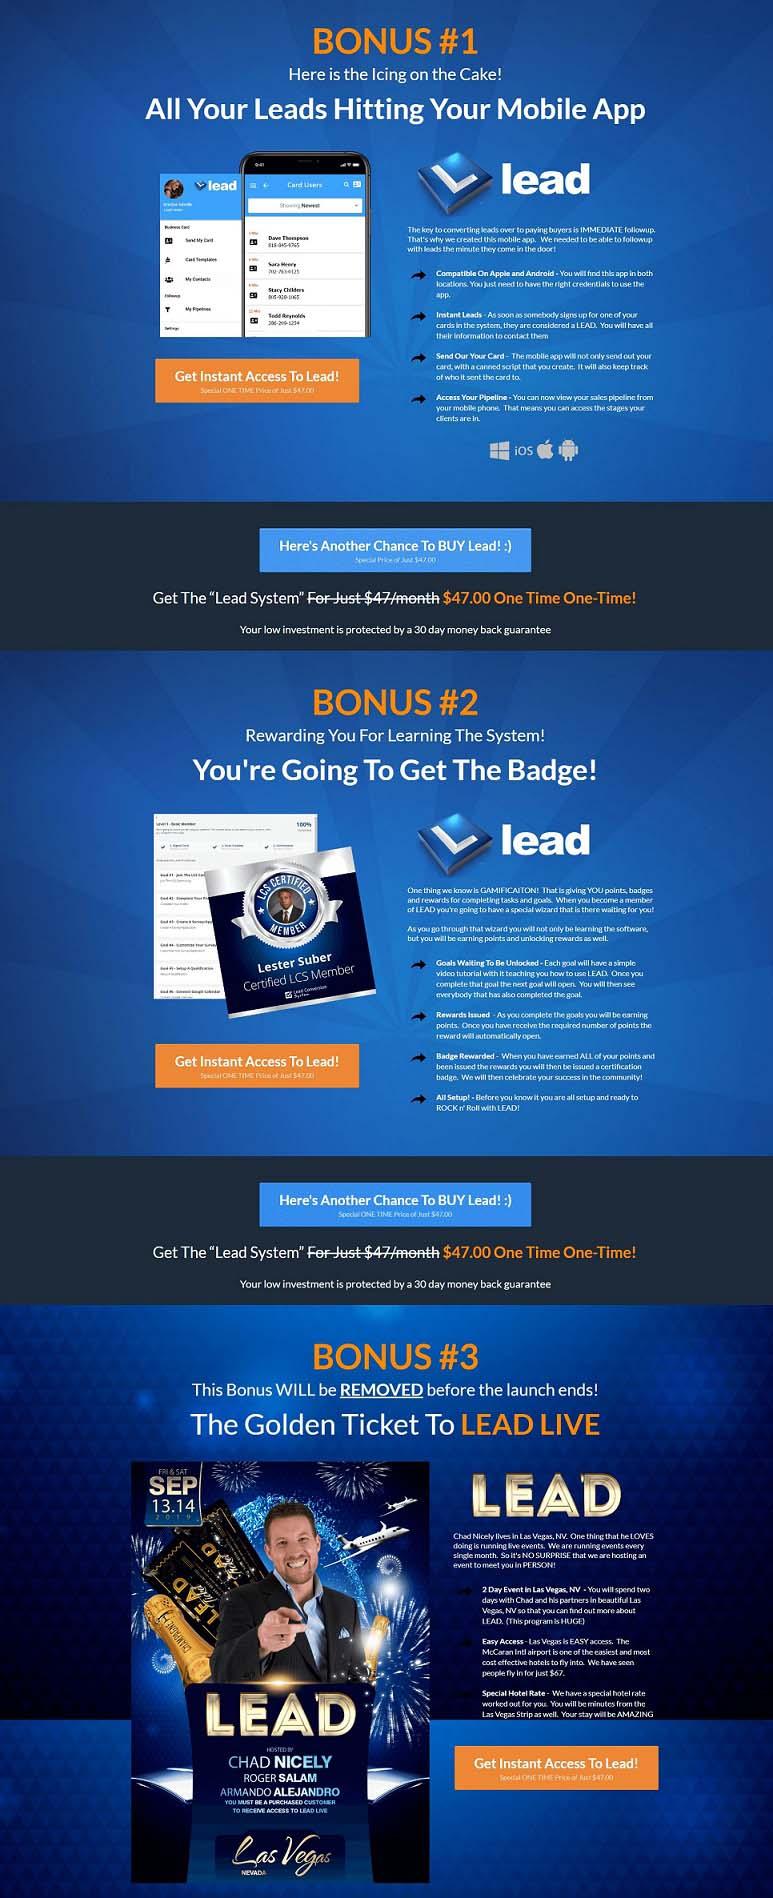 Lead App Bonus